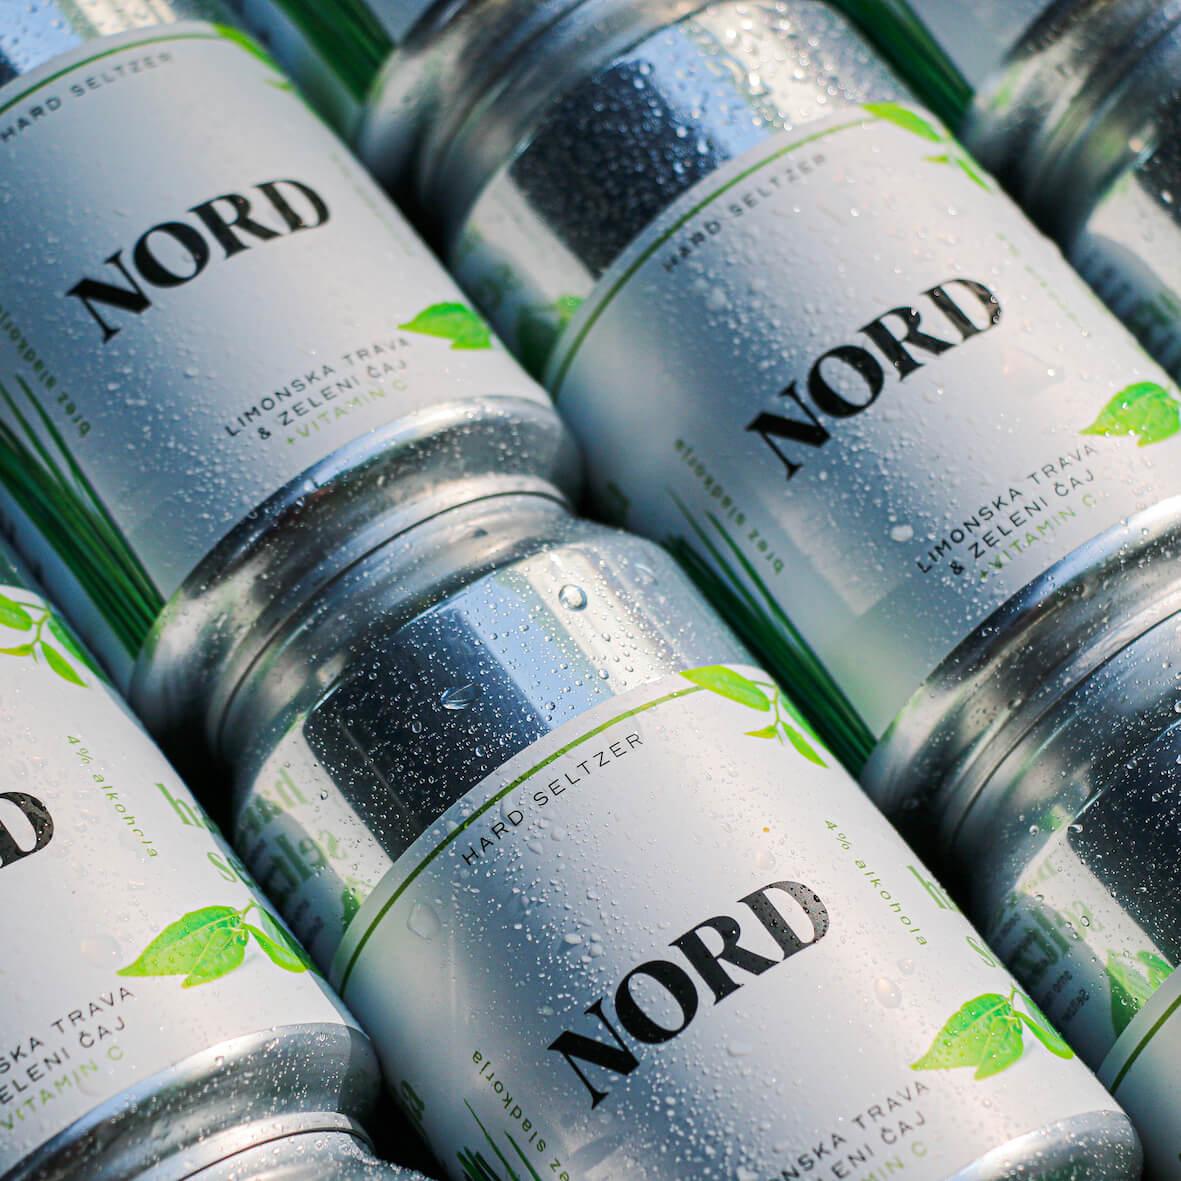 nord-hard-limonska-trava-zeleni-caj-product-2